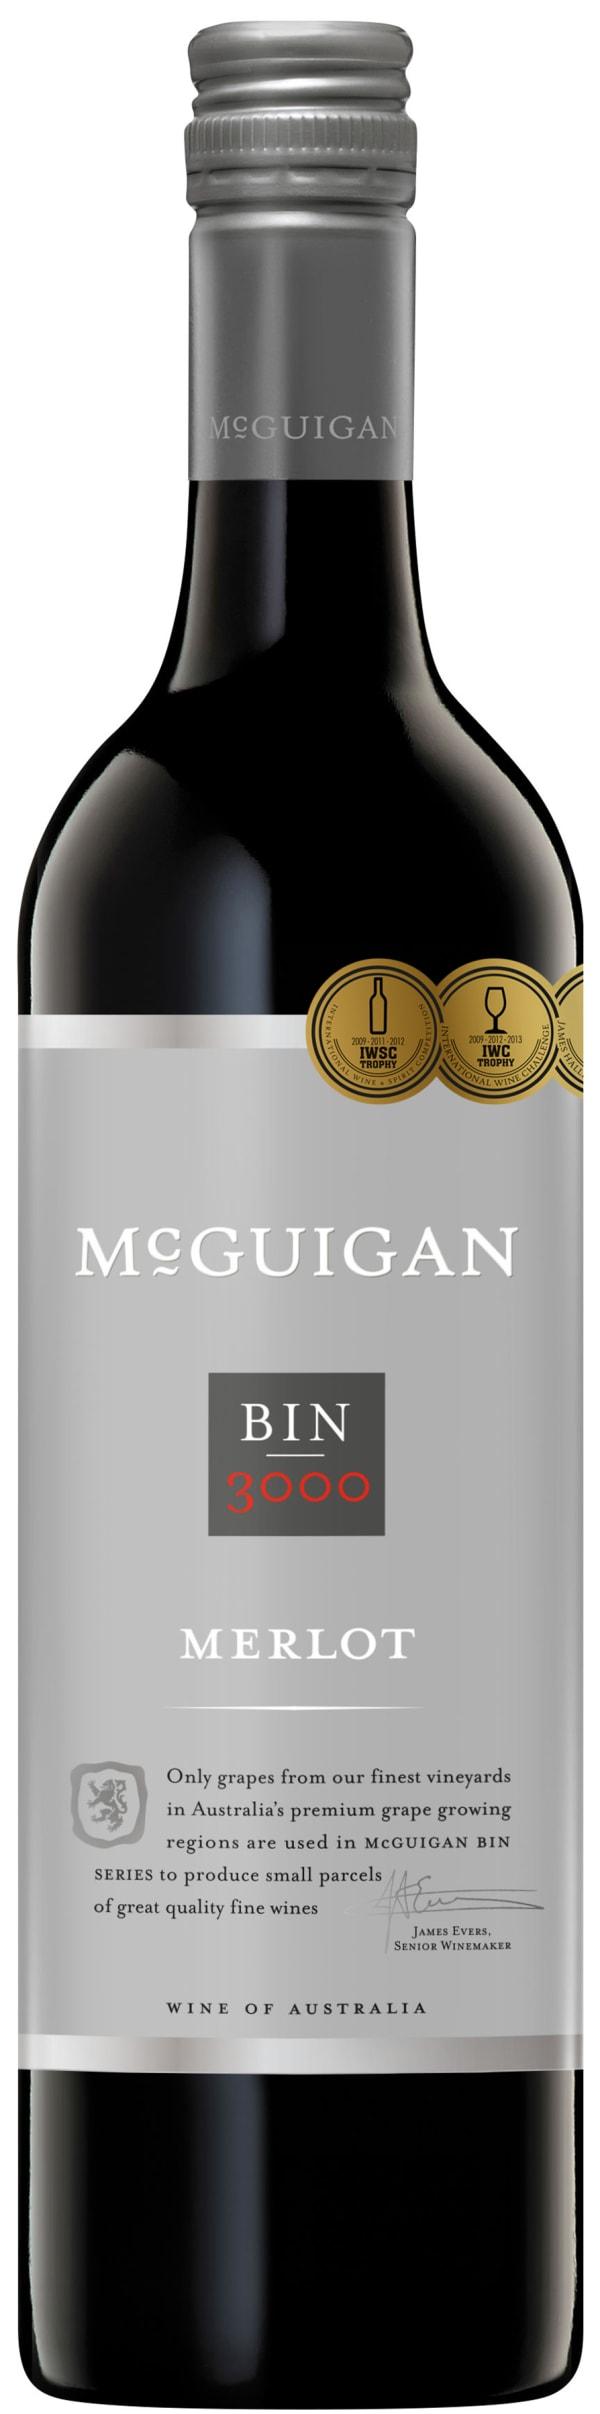 McGuigan Bin 3000 Merlot 2017